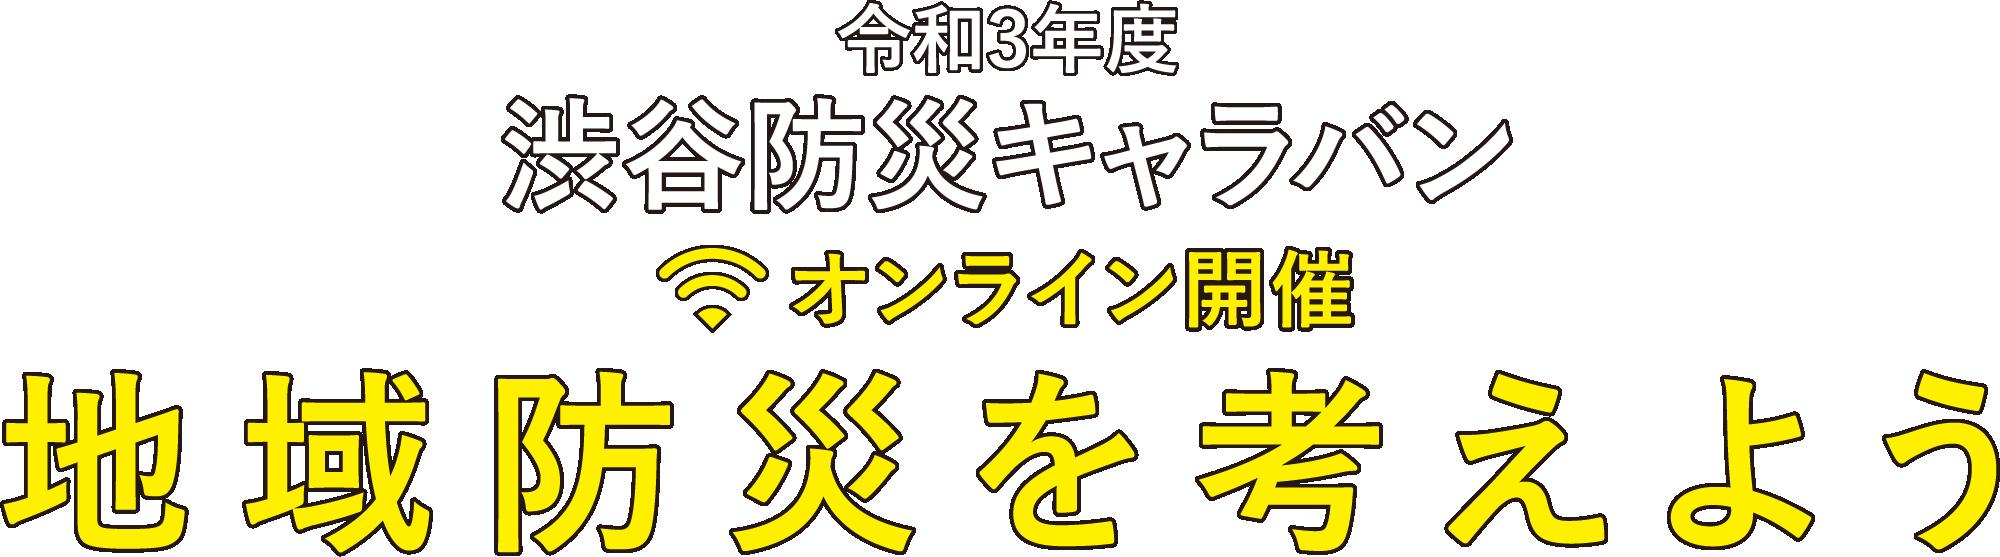 渋谷防災キャラバン オンライン開催 地域防災を考えよう